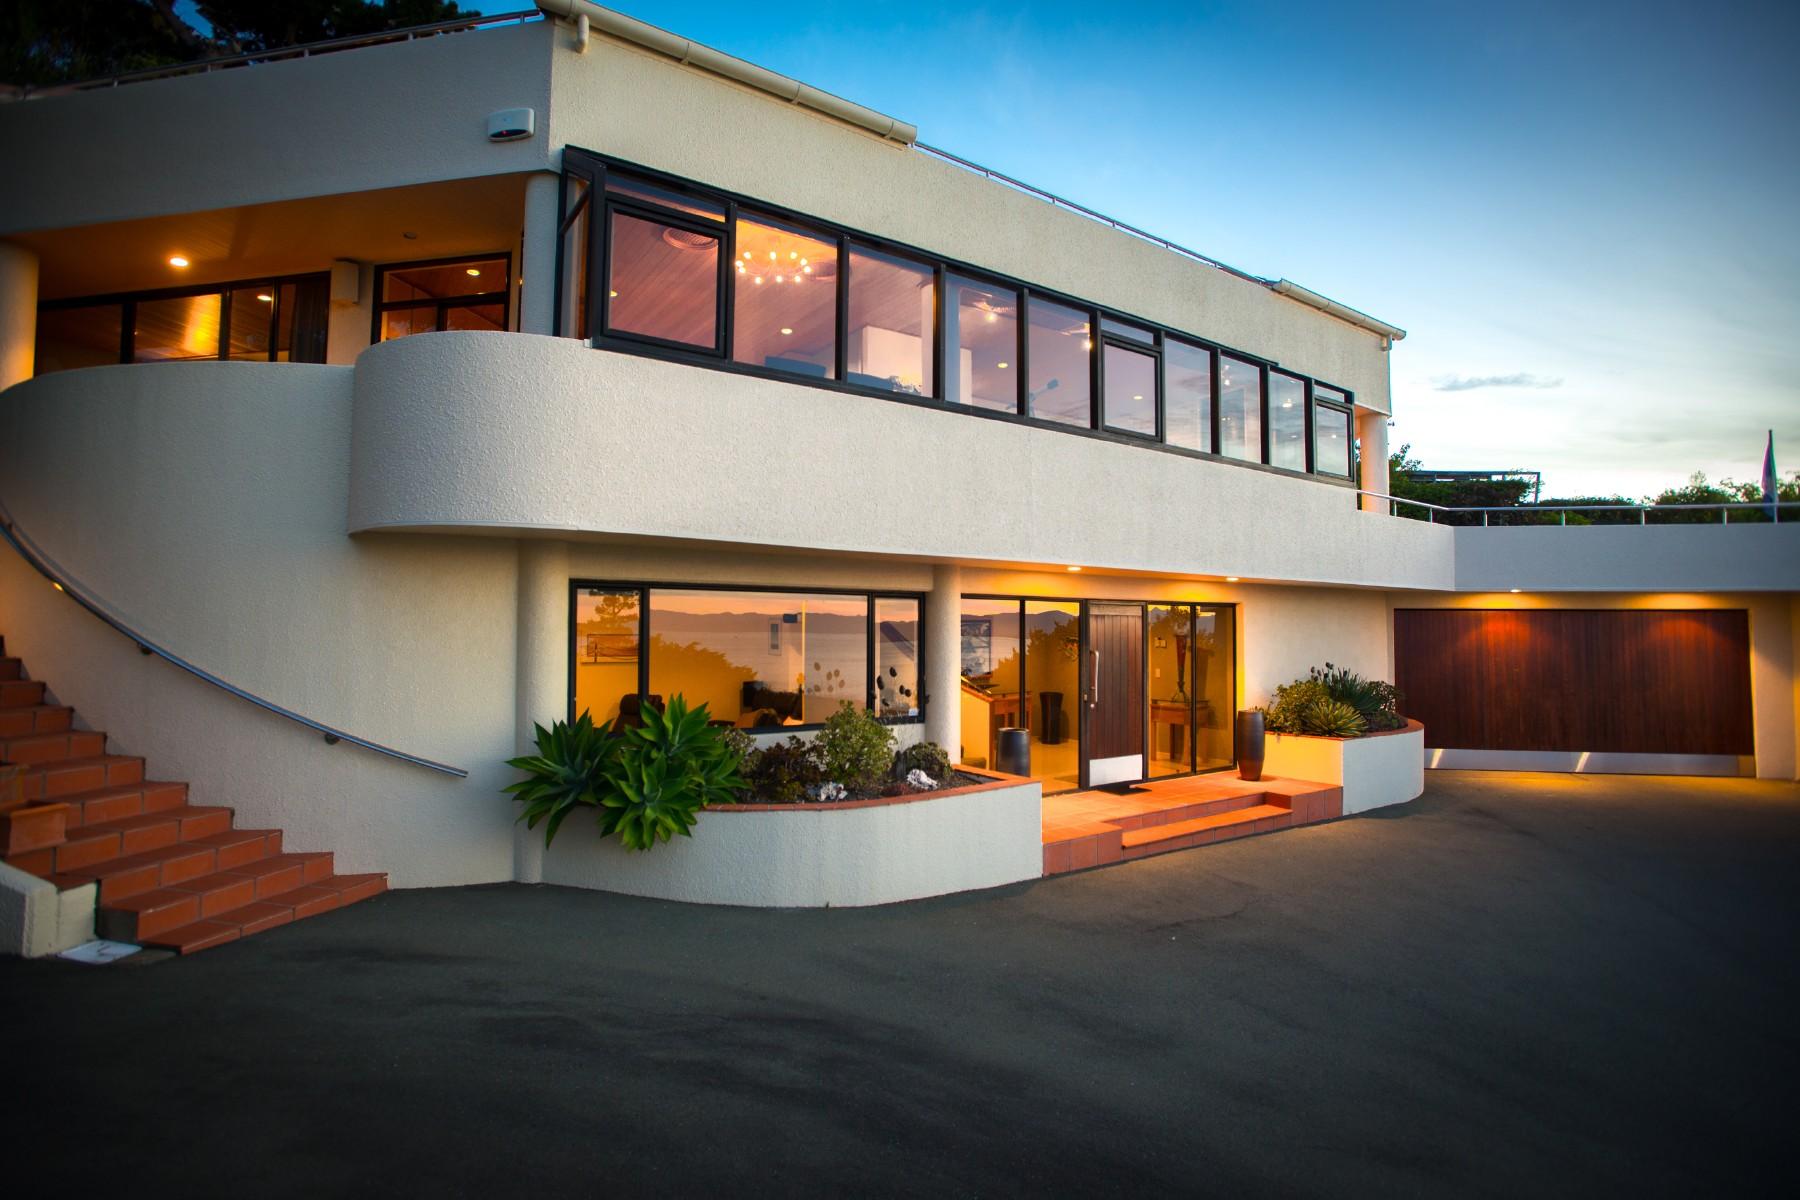 단독 가정 주택 용 매매 에 29 Whitby Road 29 Whitby Road Britannia Heights Nelson, Nelson 7010 뉴질랜드